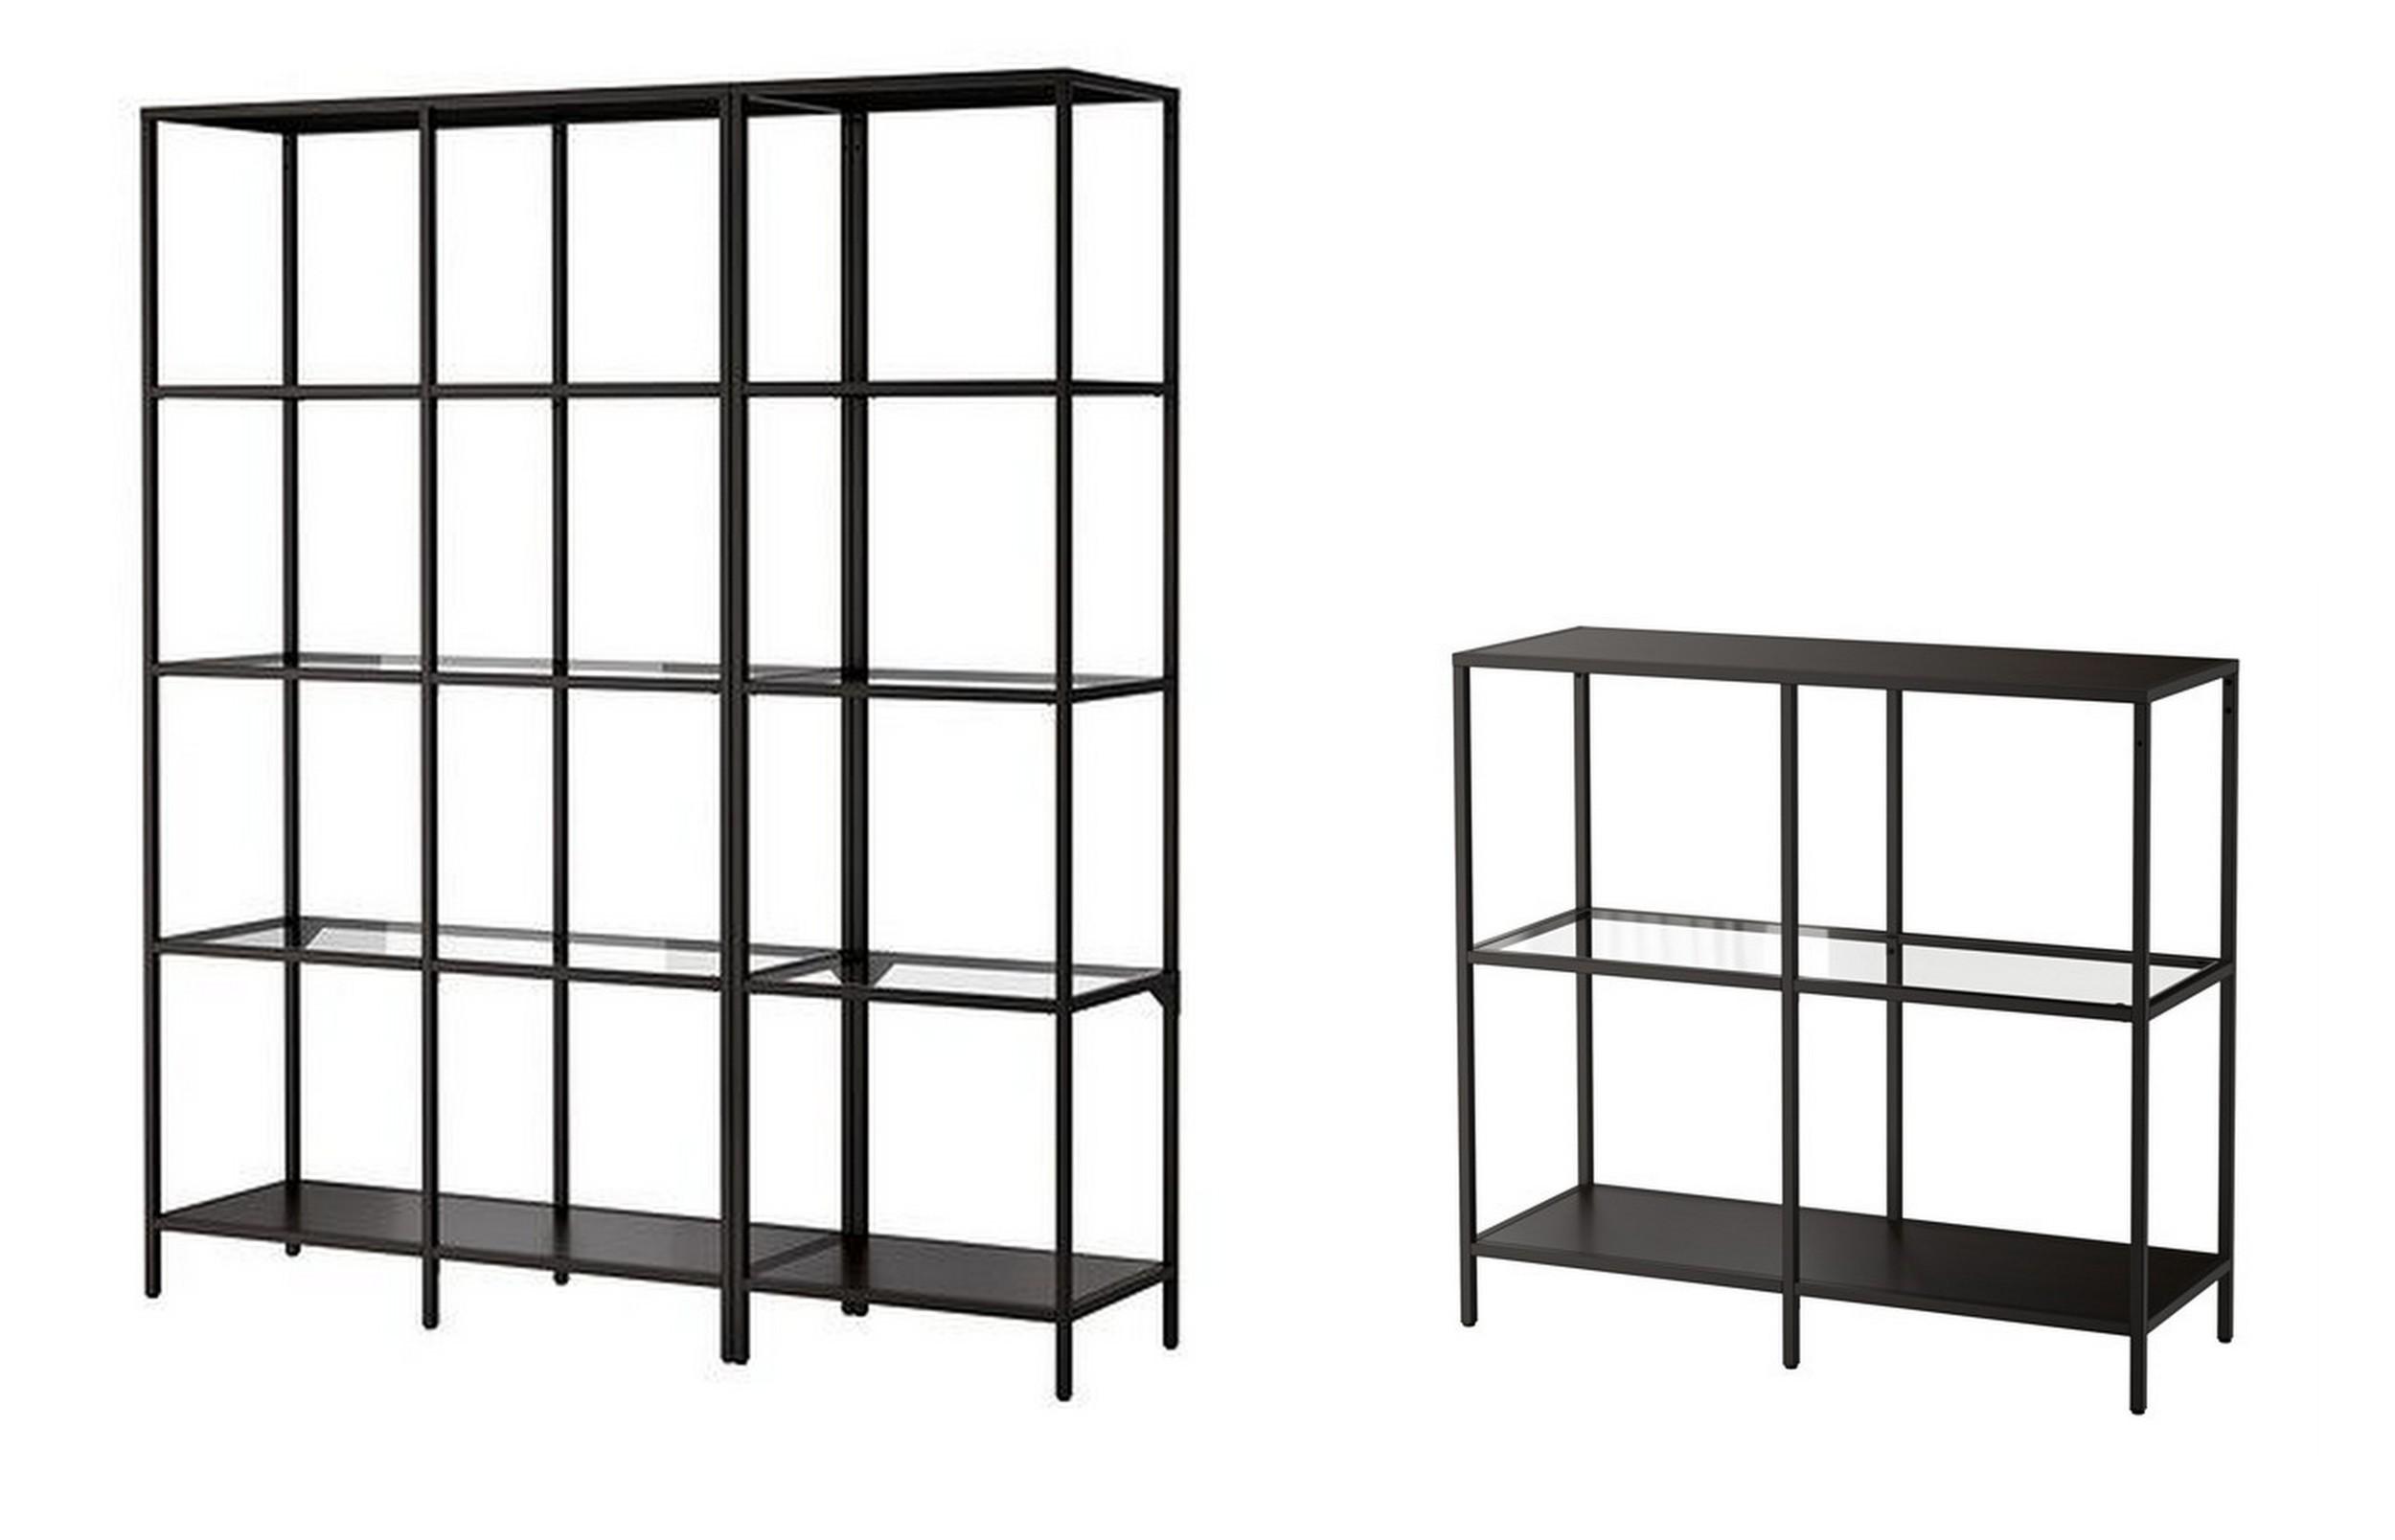 kuvat lainattu Ikean nettisivuilta